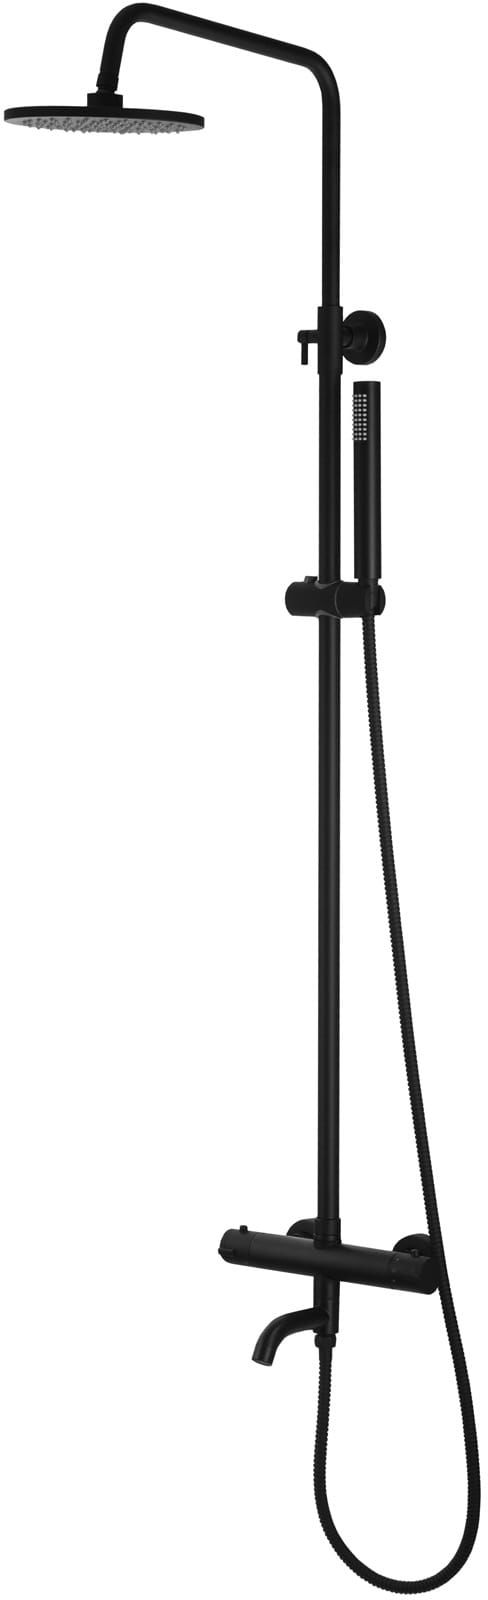 Corsan kolumna prysznicowa termostatyczna regulowana Lugo czarna CMN017